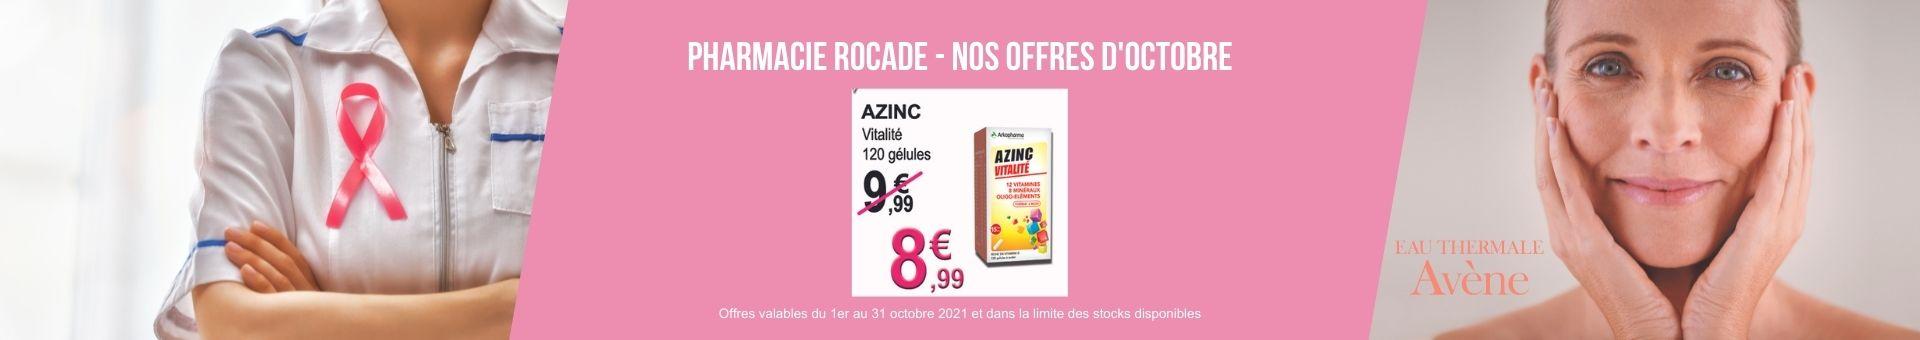 Pharmacie Rocade - La teste,La Teste-de-Buch